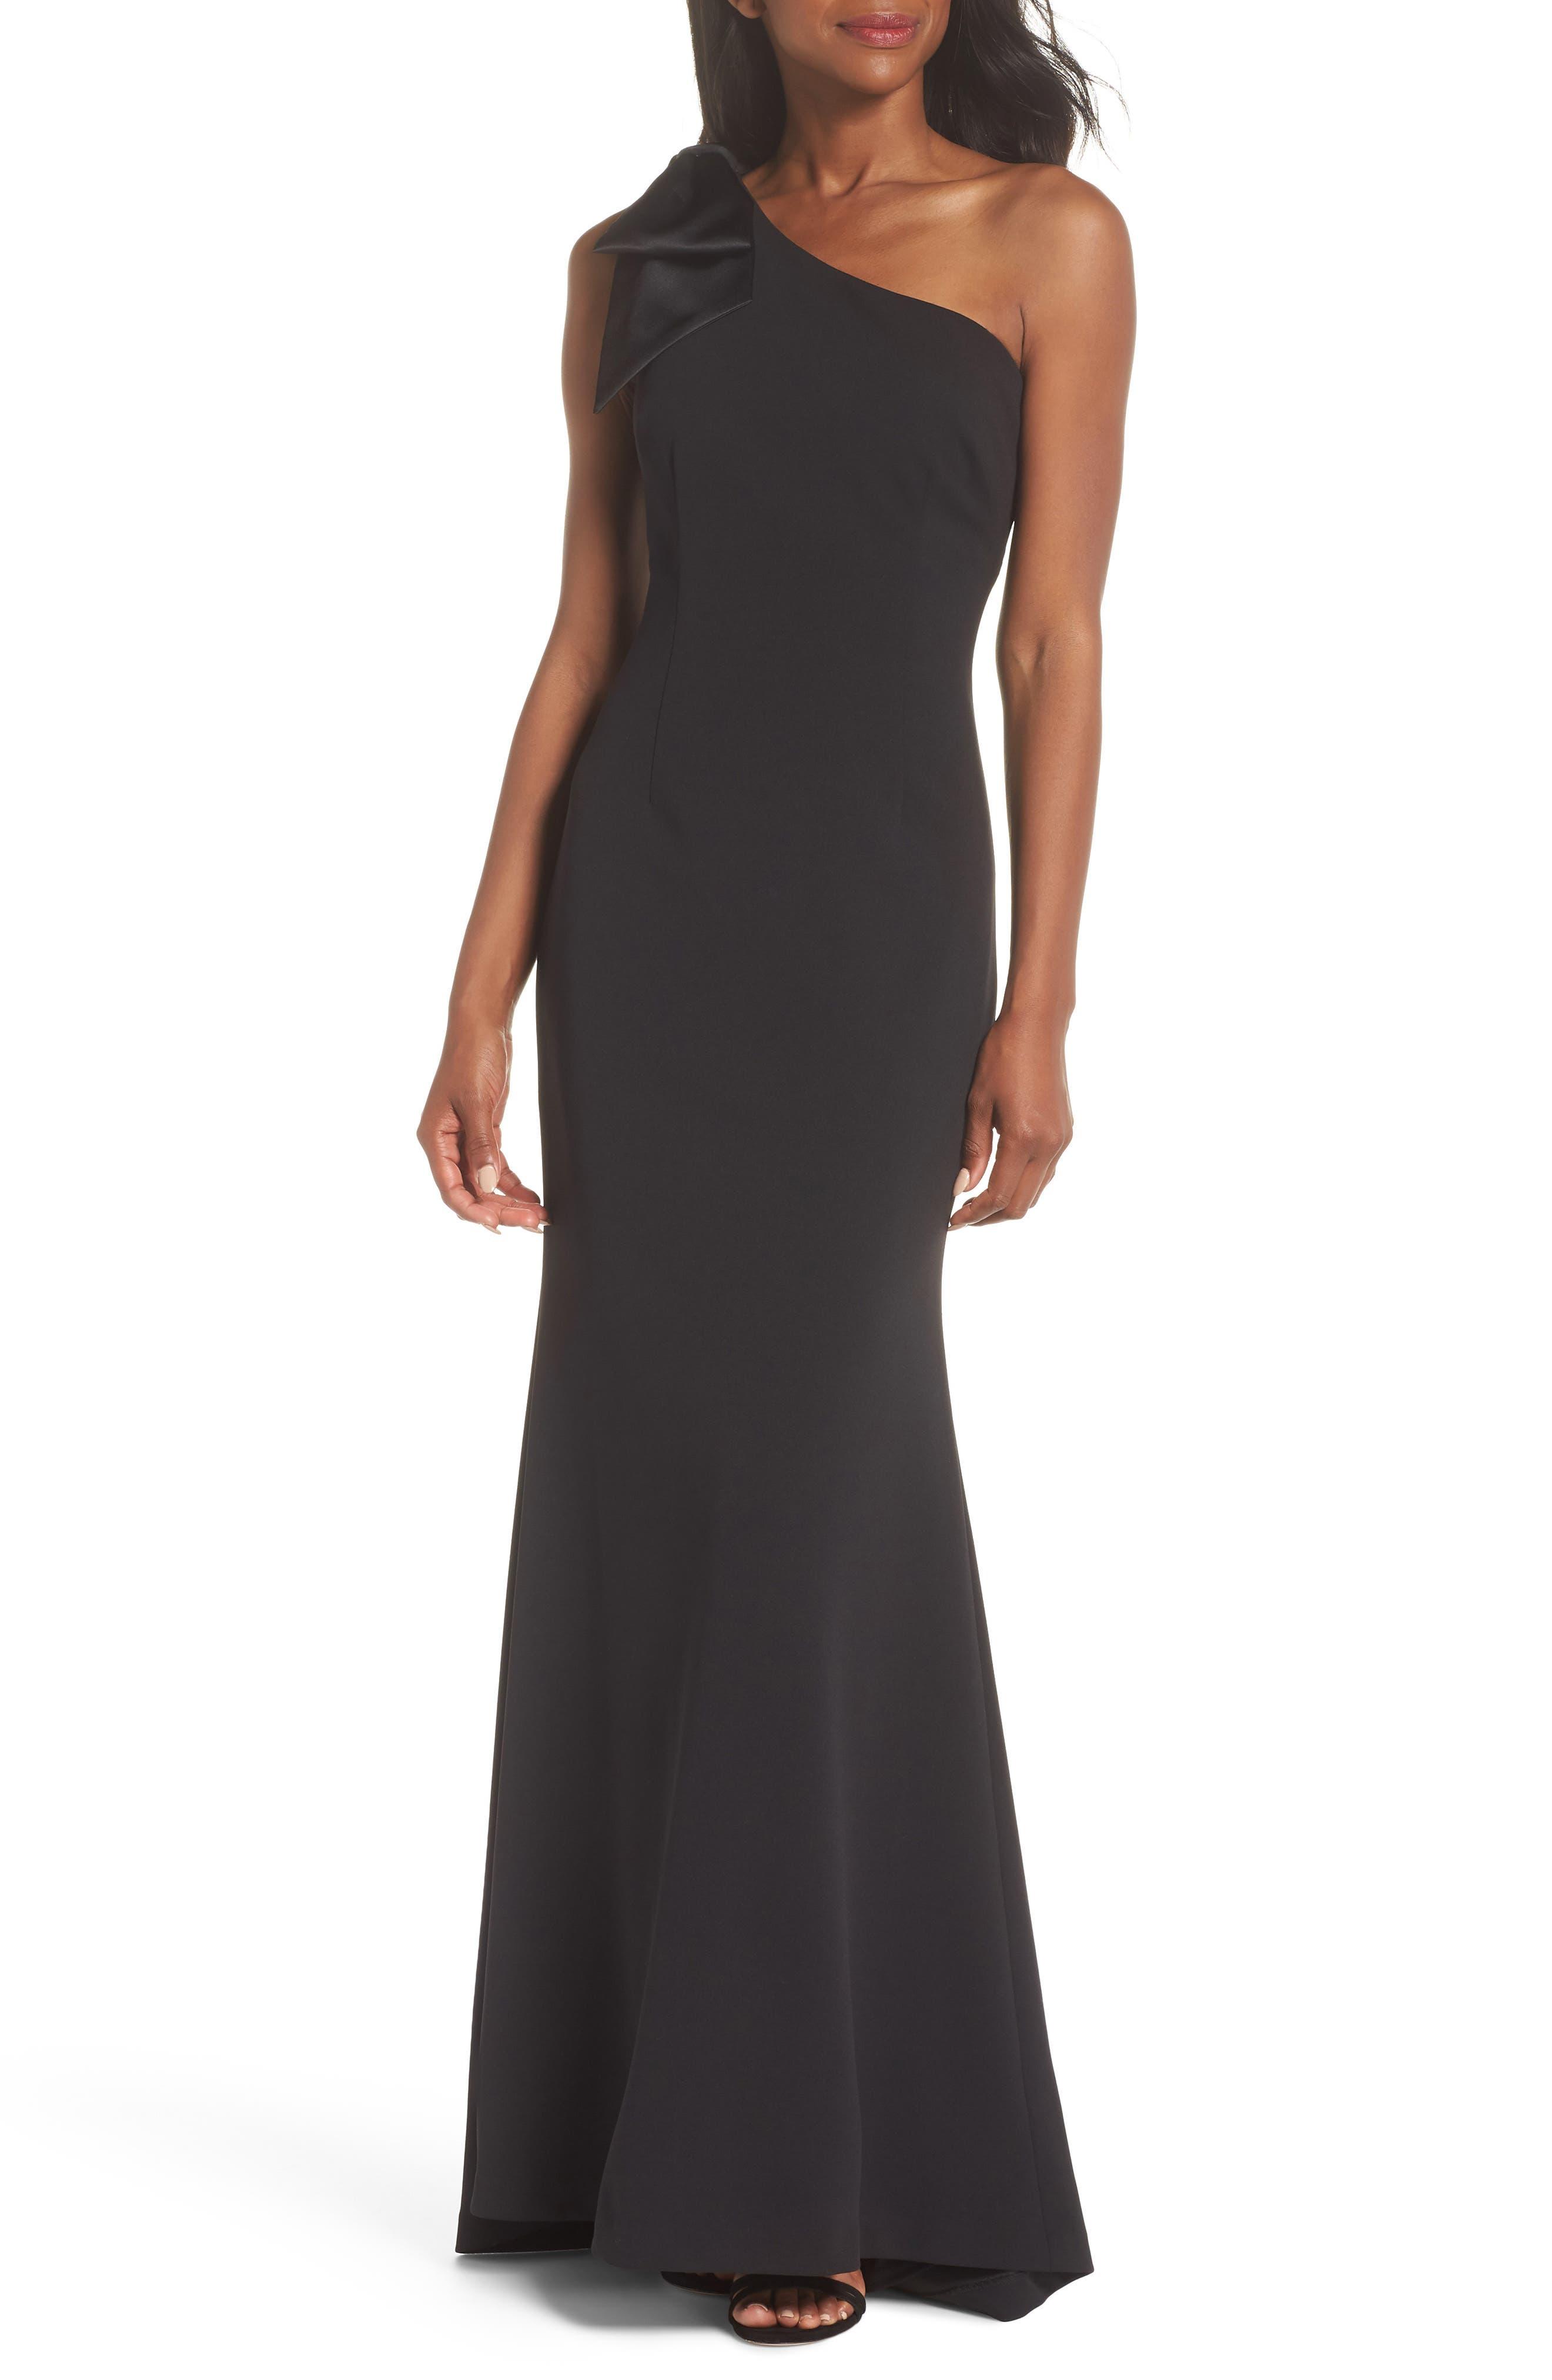 ELIZA J, One-Shoulder A-Line Gown, Main thumbnail 1, color, BLACK